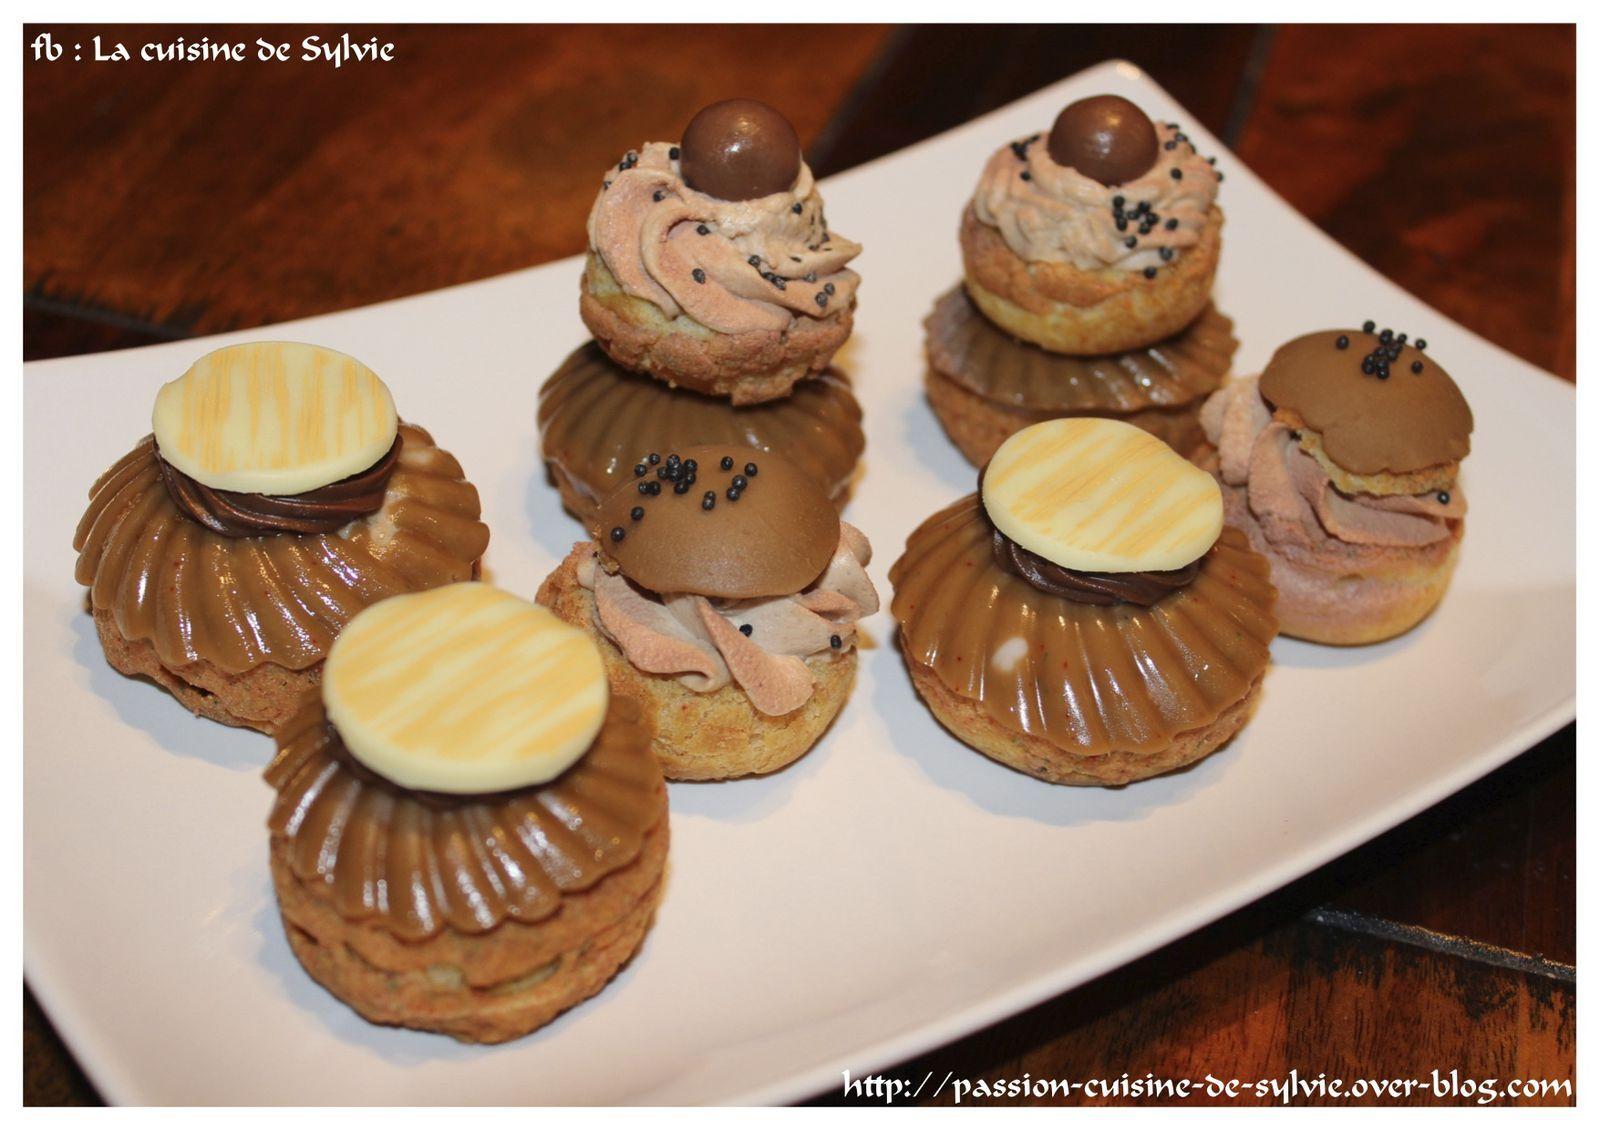 Choux à la crème chantilly mascarpone au nutella façon Christophe MICHALAK